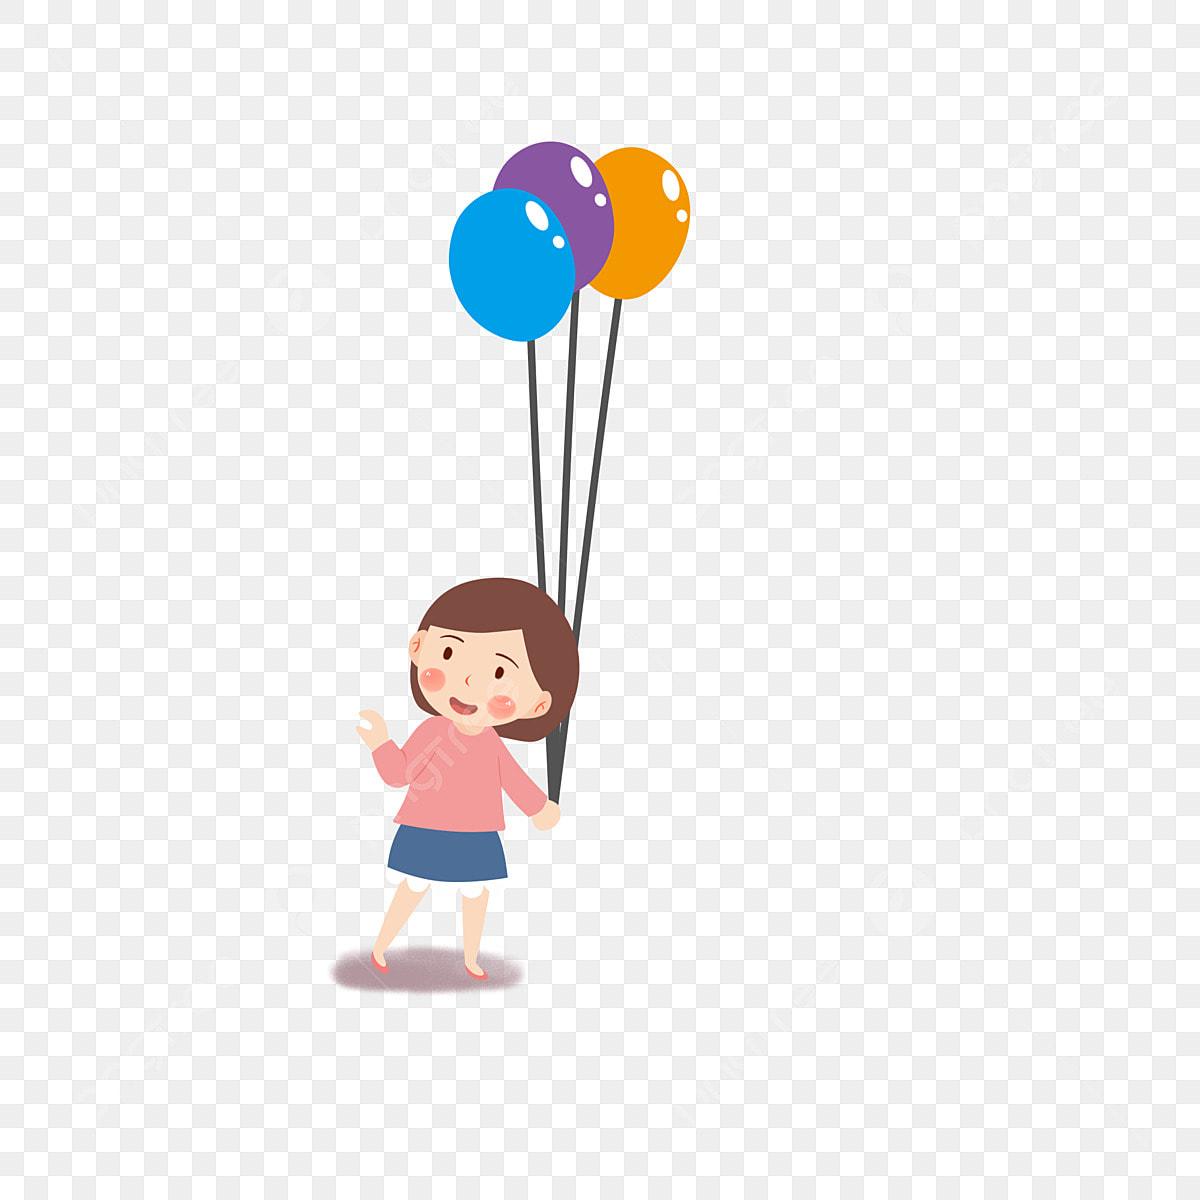 كارتون طفل يحمل بالون يوم الطفل كرتون اطفال أطفال سعداء Png وملف Psd للتحميل مجانا